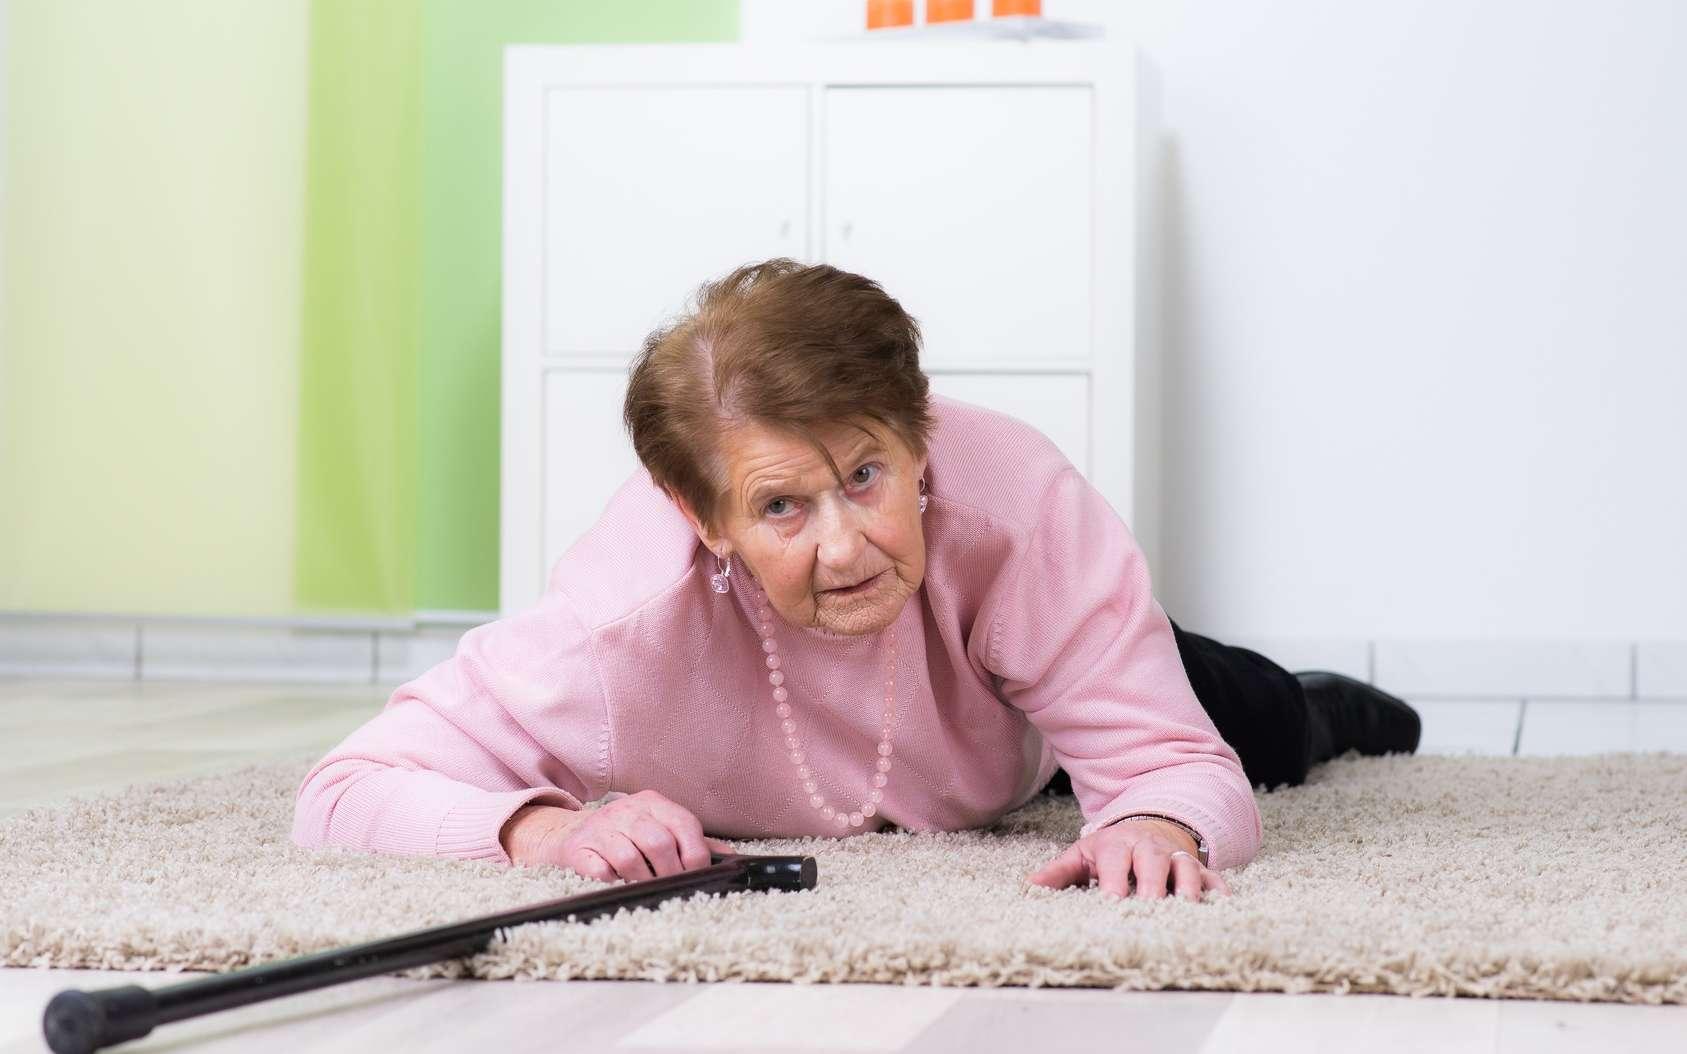 La chute est la principale cause de décès lors d'un accident de la vie courante chez les personnes âgées. © Picture-Factory, Fotolia